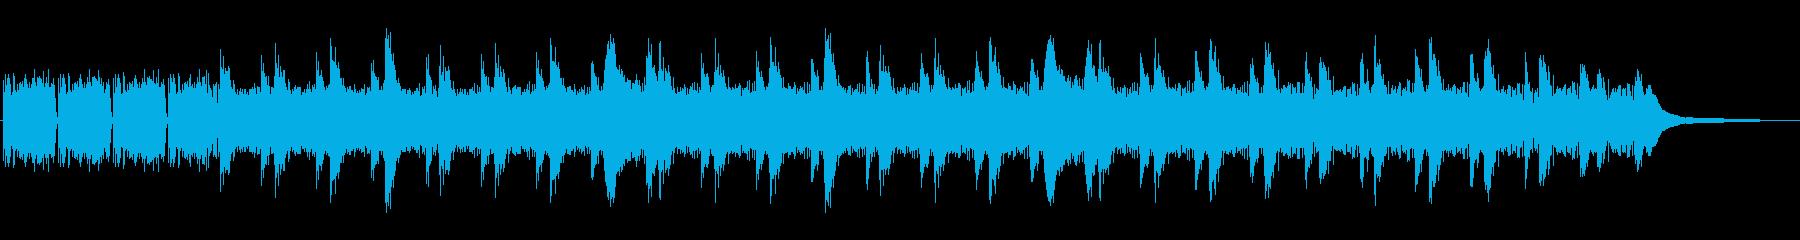 きらきらおしとやかな可愛いピアノソロの再生済みの波形